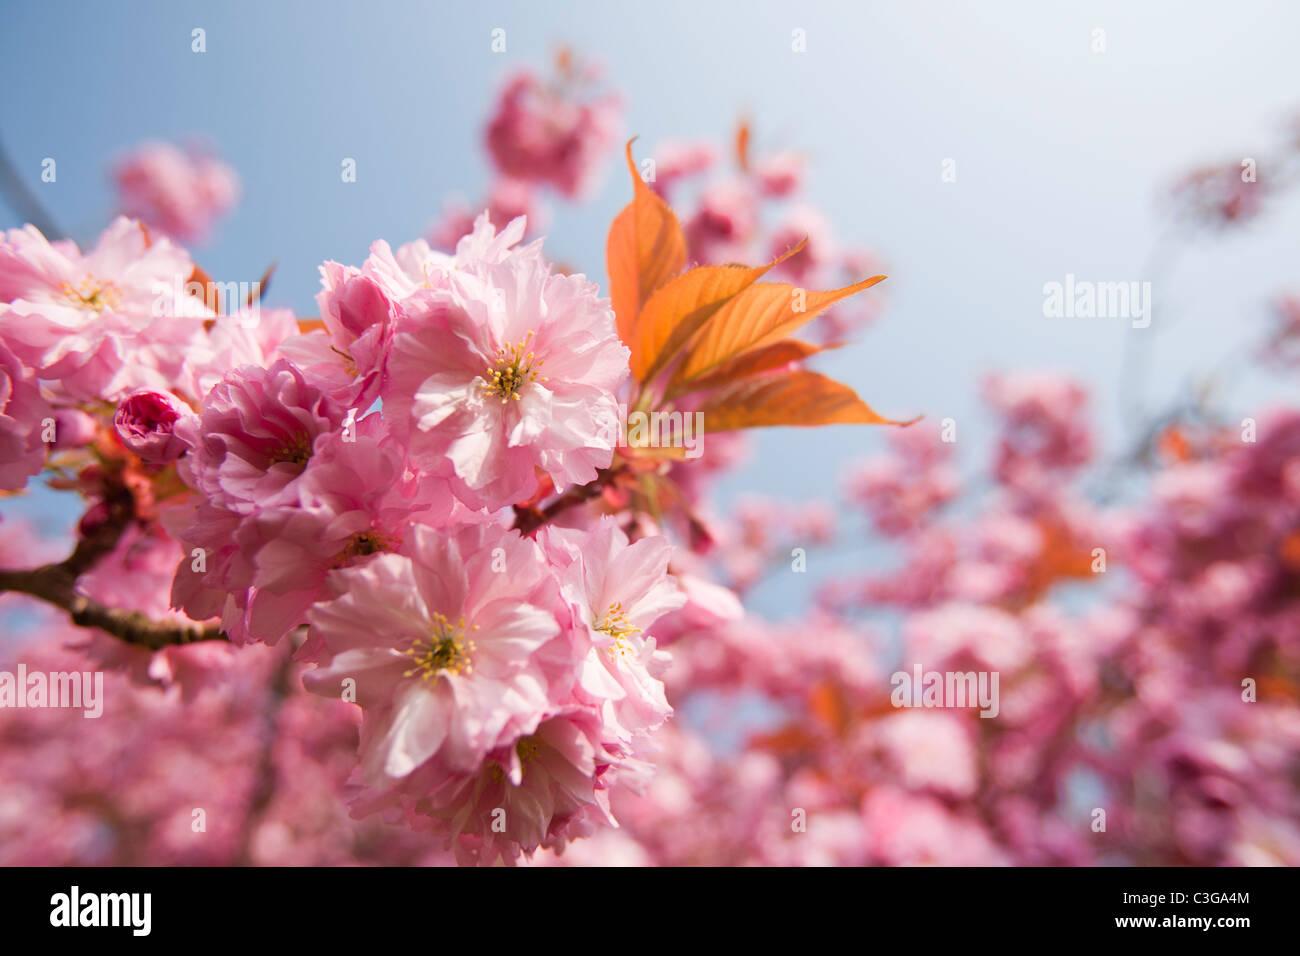 Fleur de cerisier sur un cerisier d'ornement au printemps, Ambleside, Cumbria, Royaume-Uni. Photo Stock